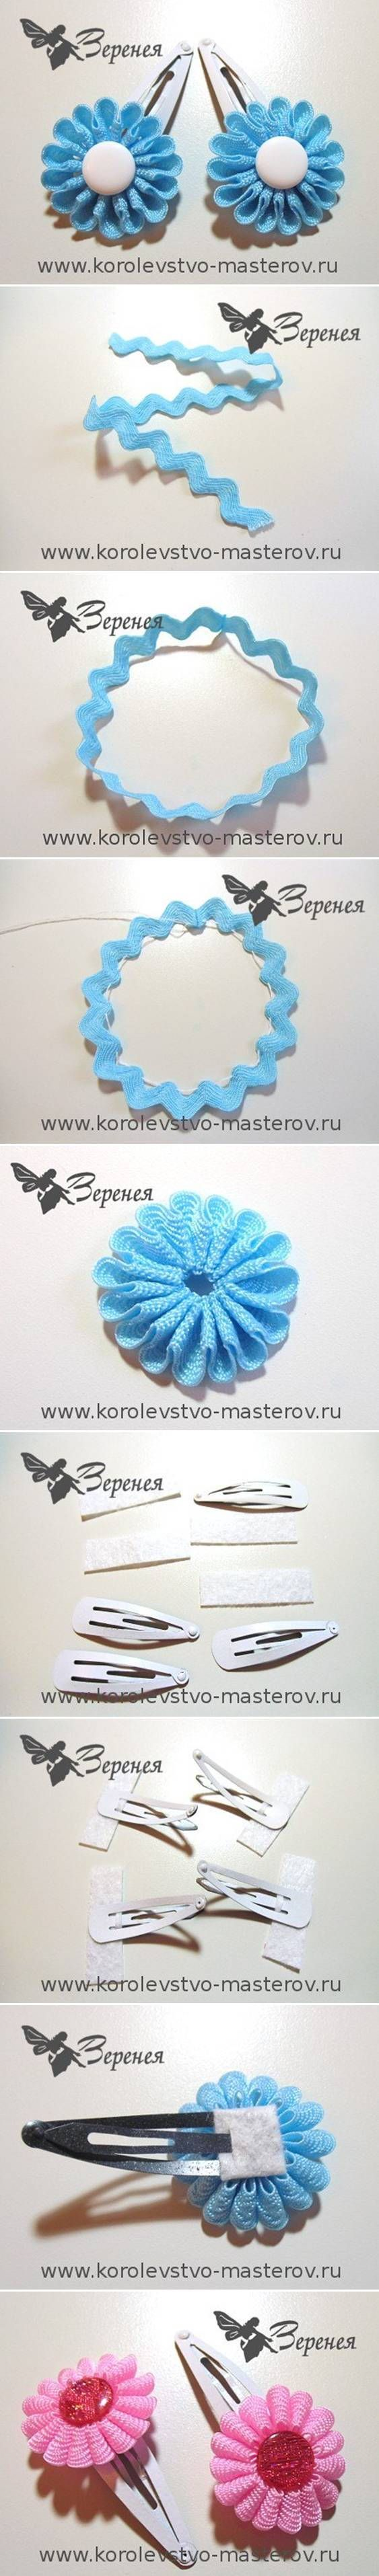 DIY Braid Flower DIY Projects